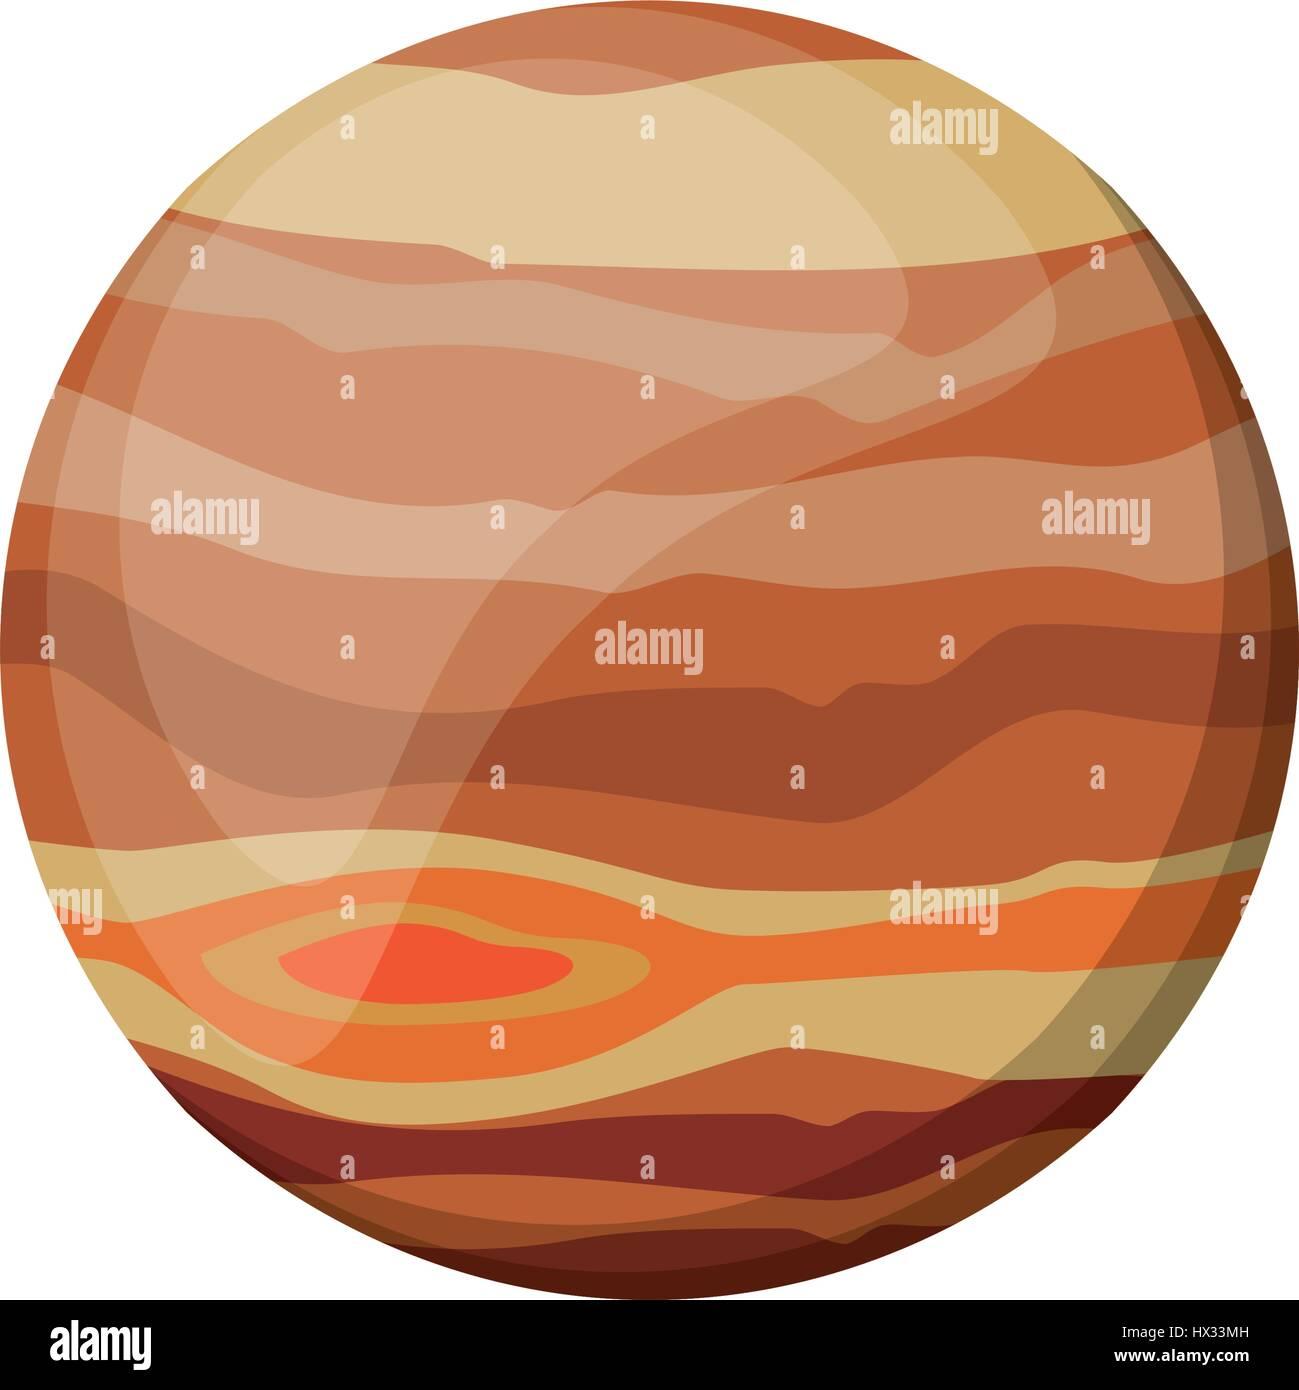 jupiter planet space image - Stock Image